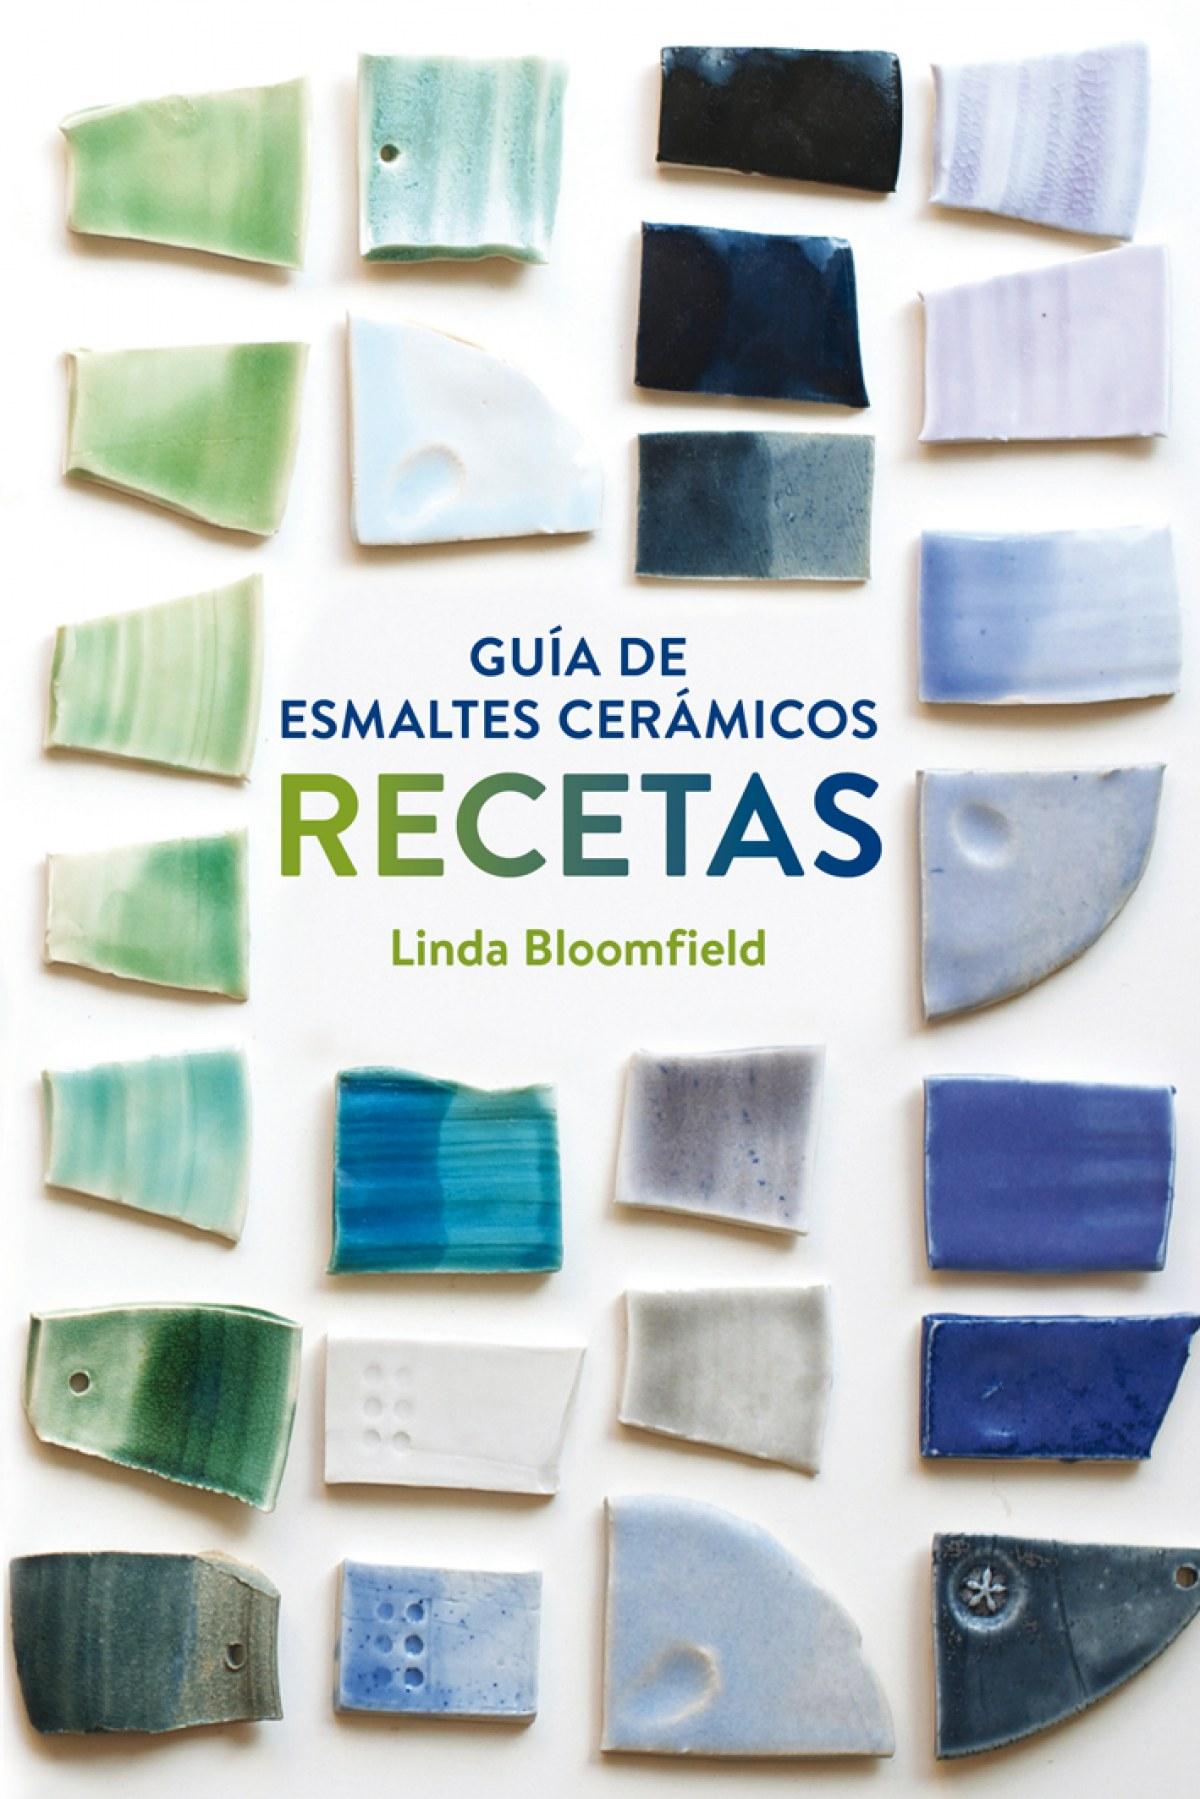 Guía de esmaltes cerámicos 9788425228803